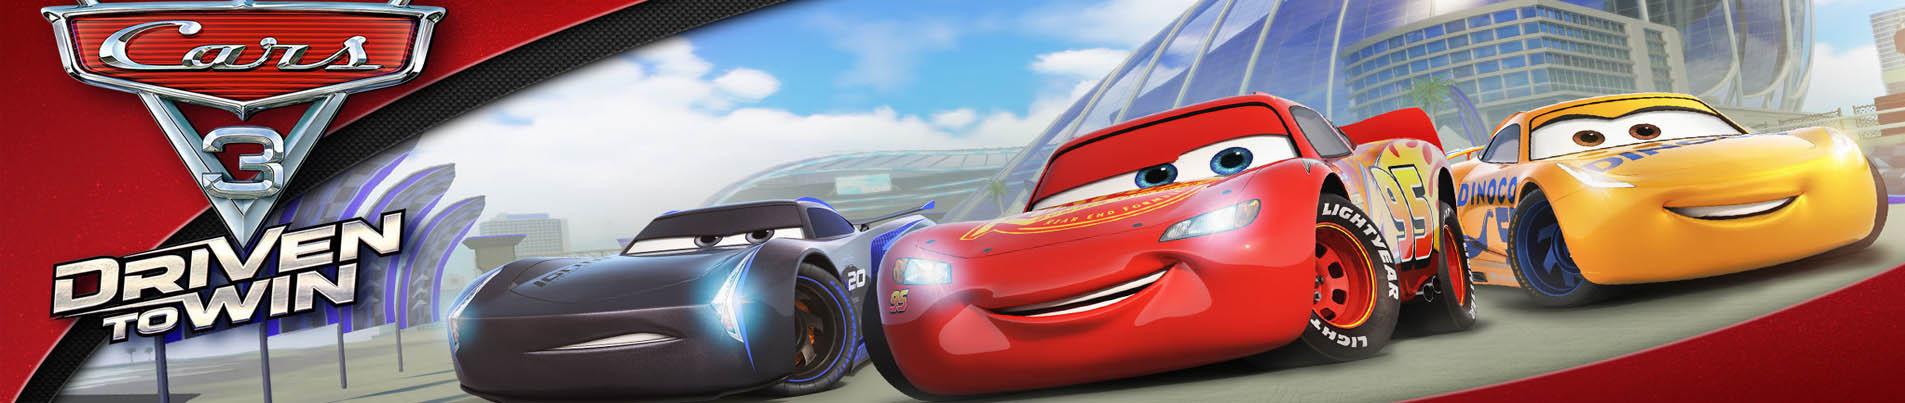 Cars 3 Disney Groothandel